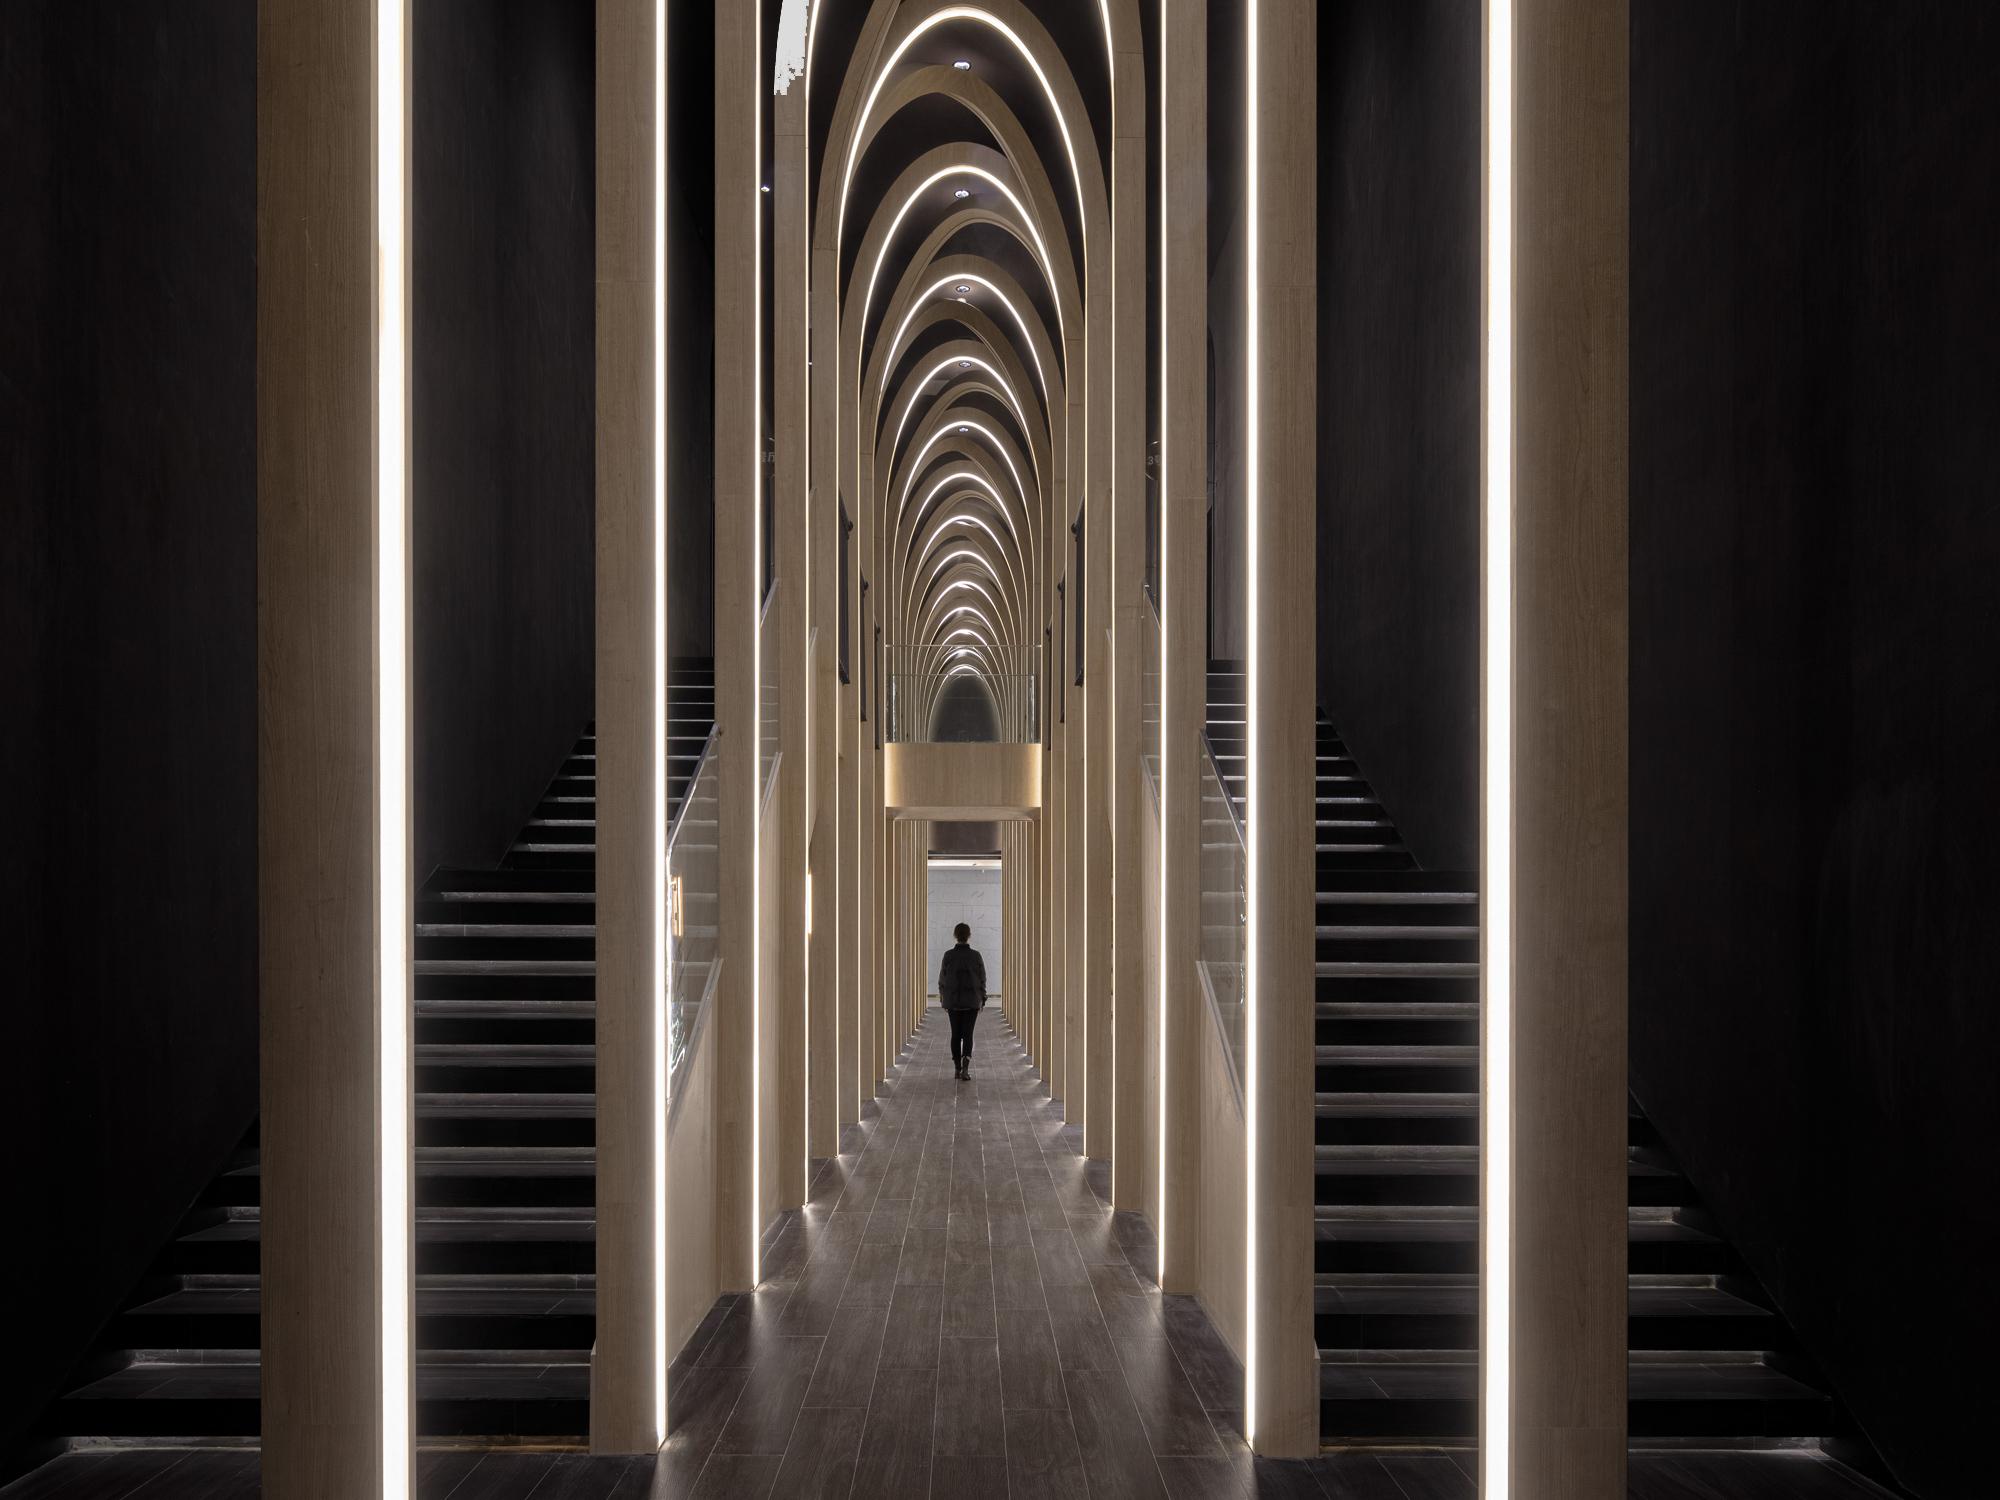 Zu den Kinosälen geht es durch einen zehn Meter hohen Saal mit schlanken Bögen.